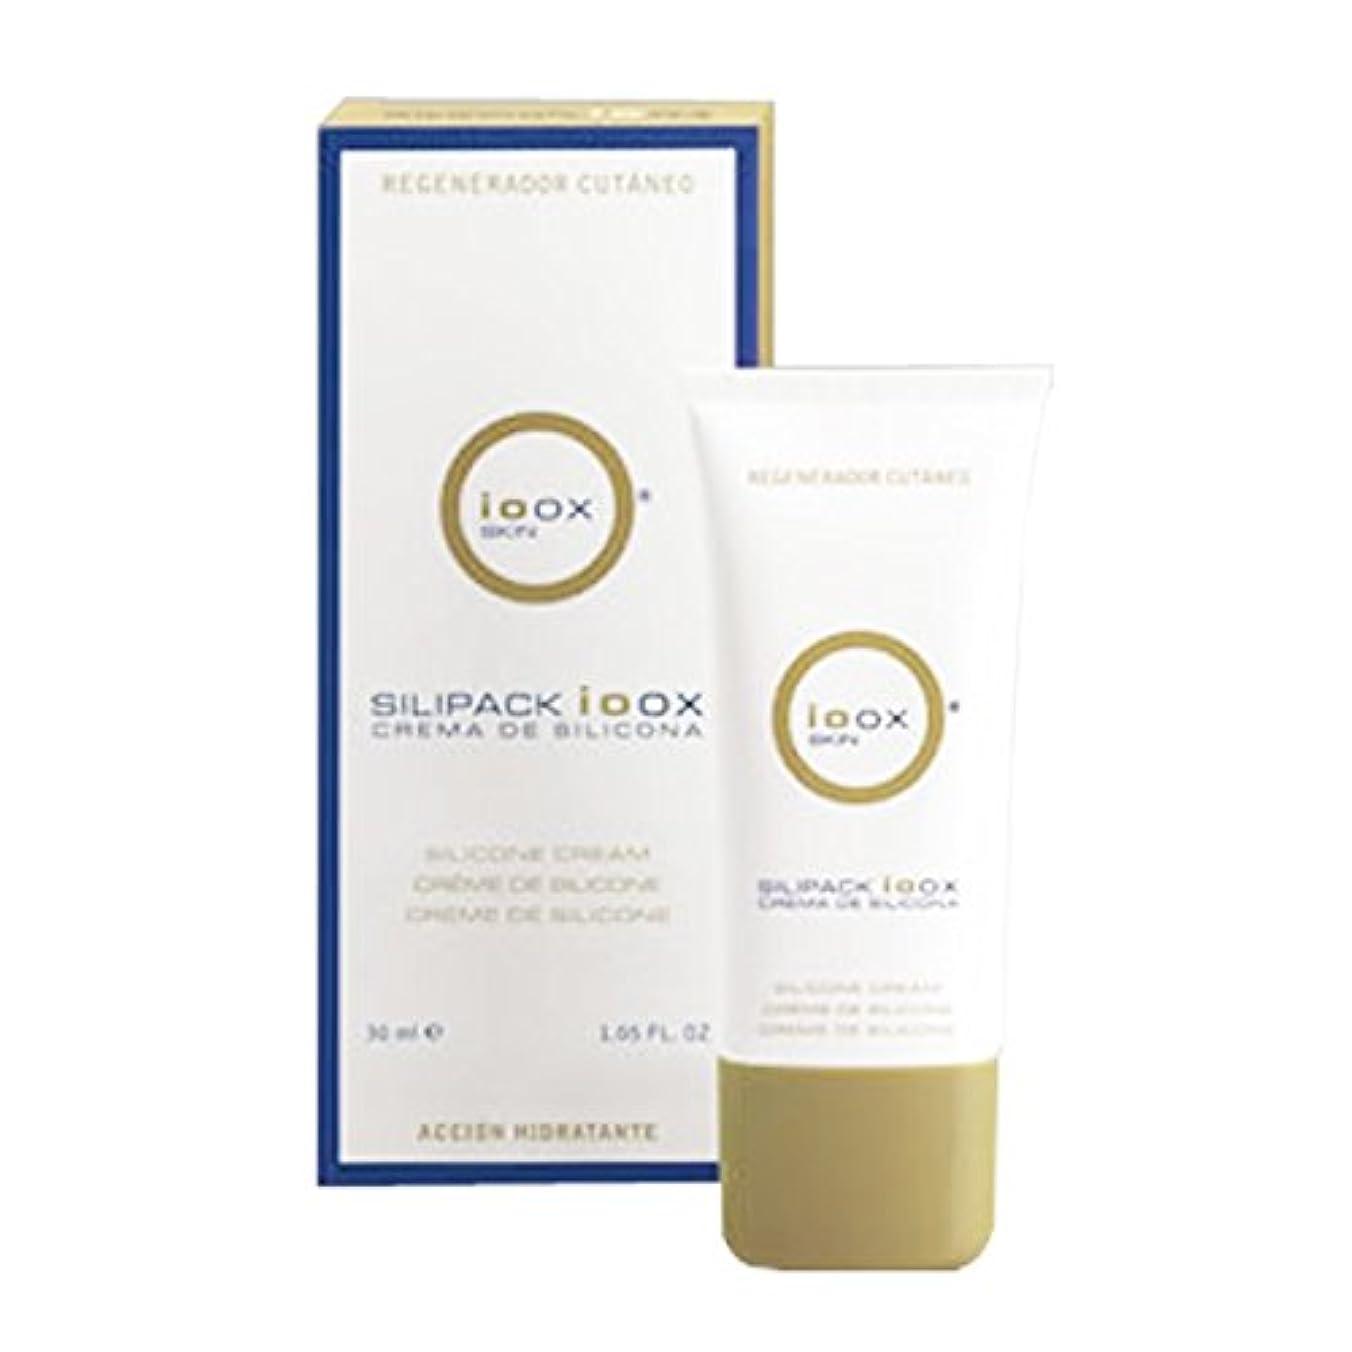 強盗器官邪魔するIoox Silipack Scar Reducer Silicone Cream 30ml [並行輸入品]